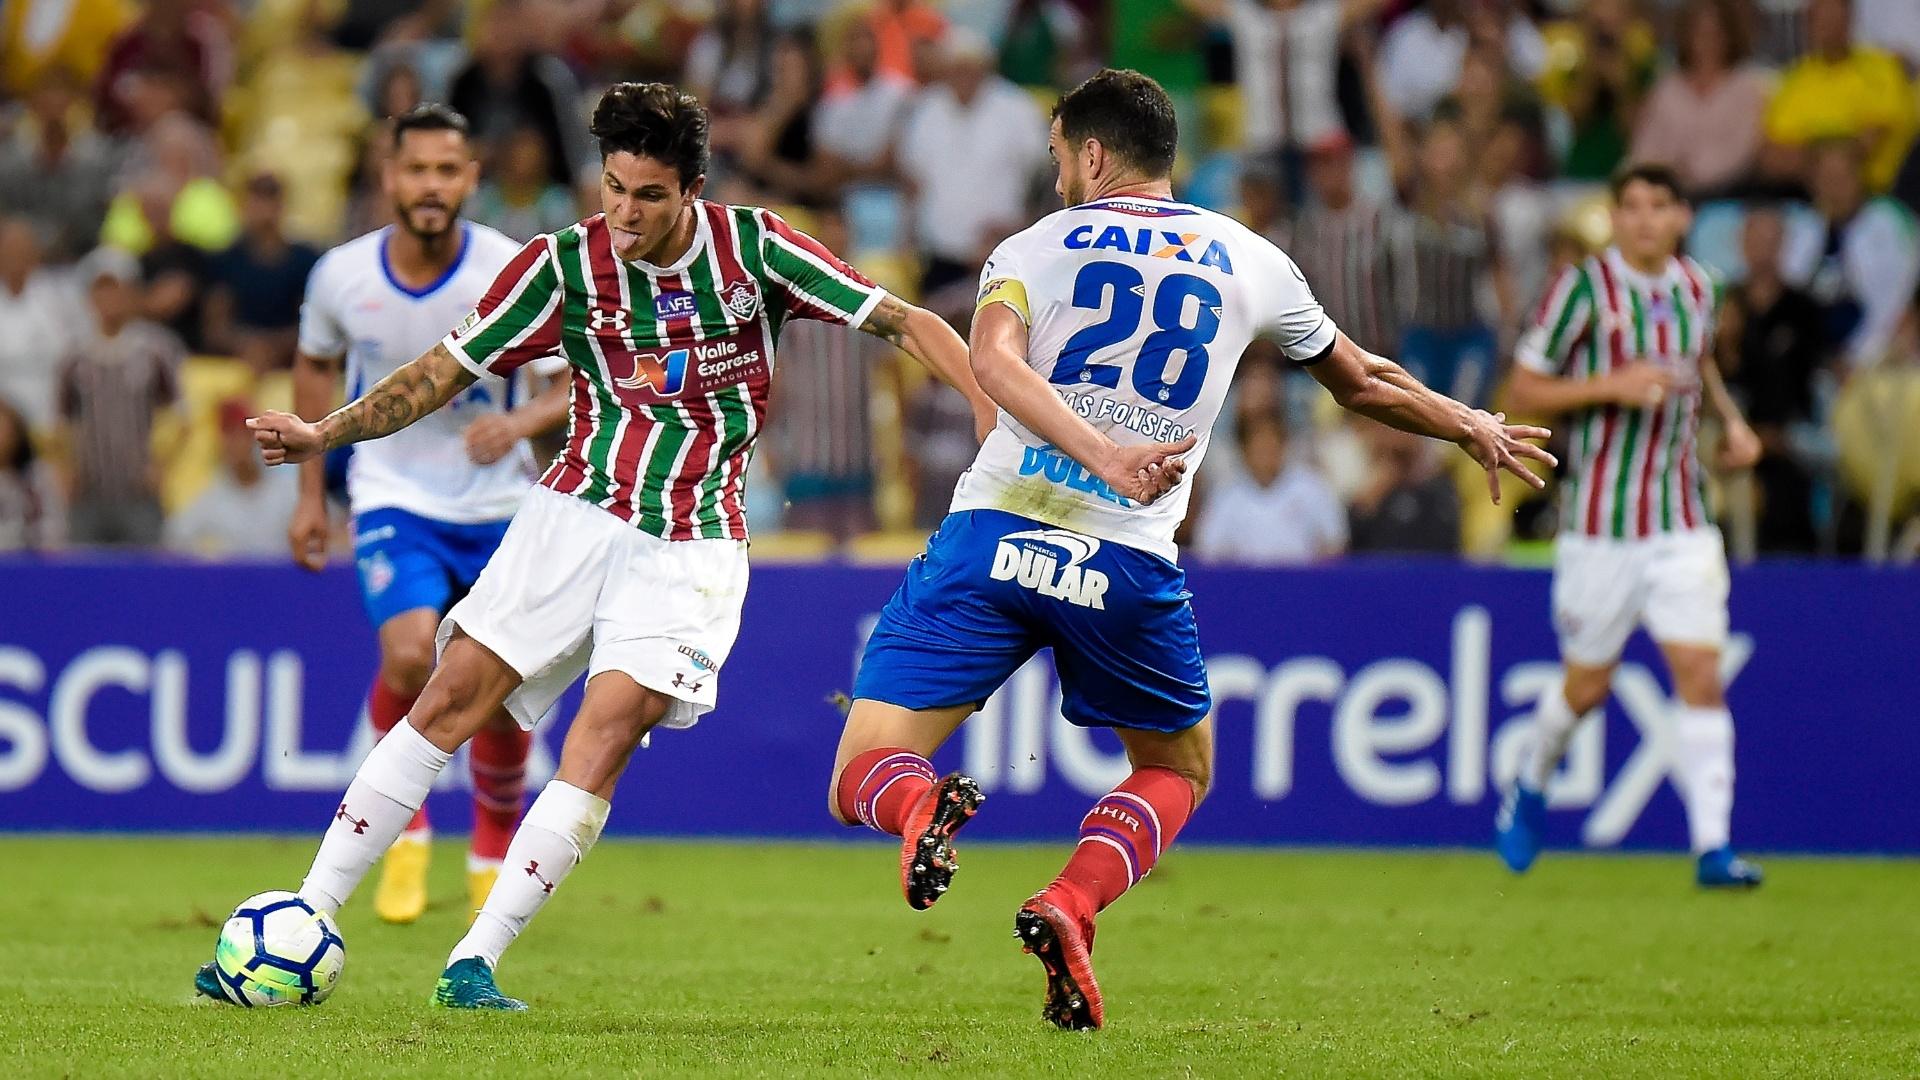 Pedro chuta para o gol e marca para o Fluminense contra o Bahia